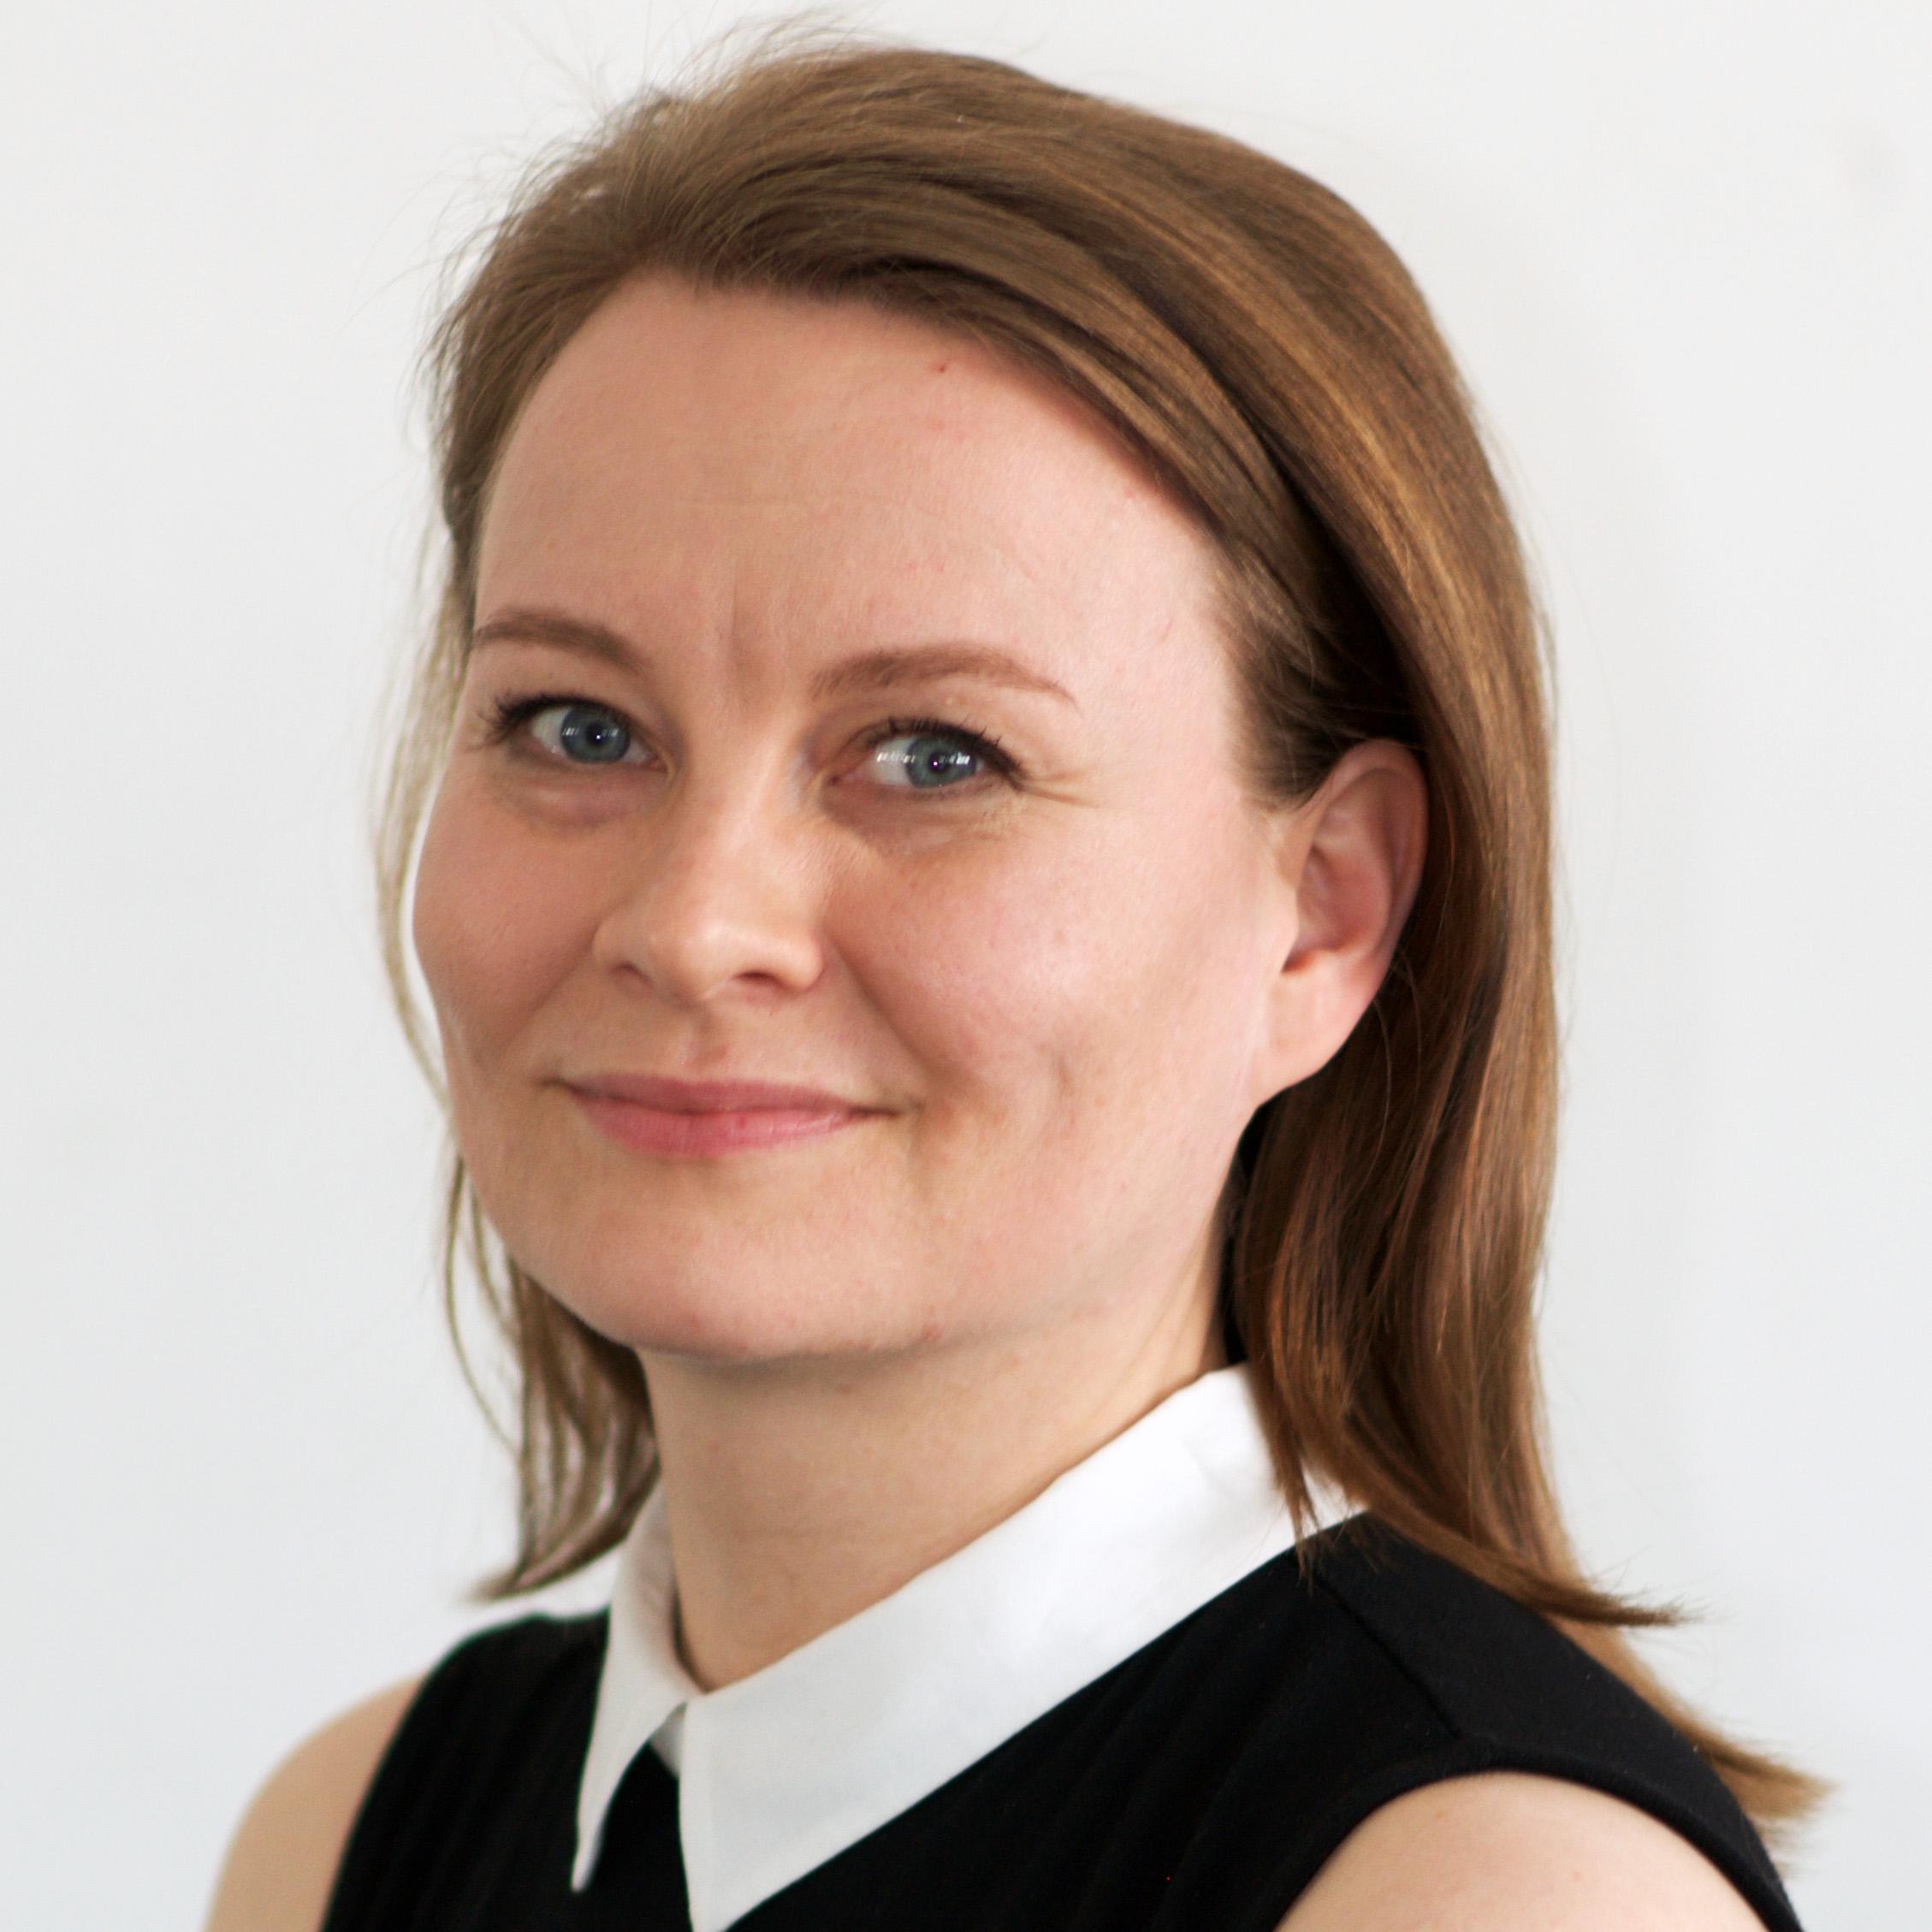 Anna-Liisa Parkkinen